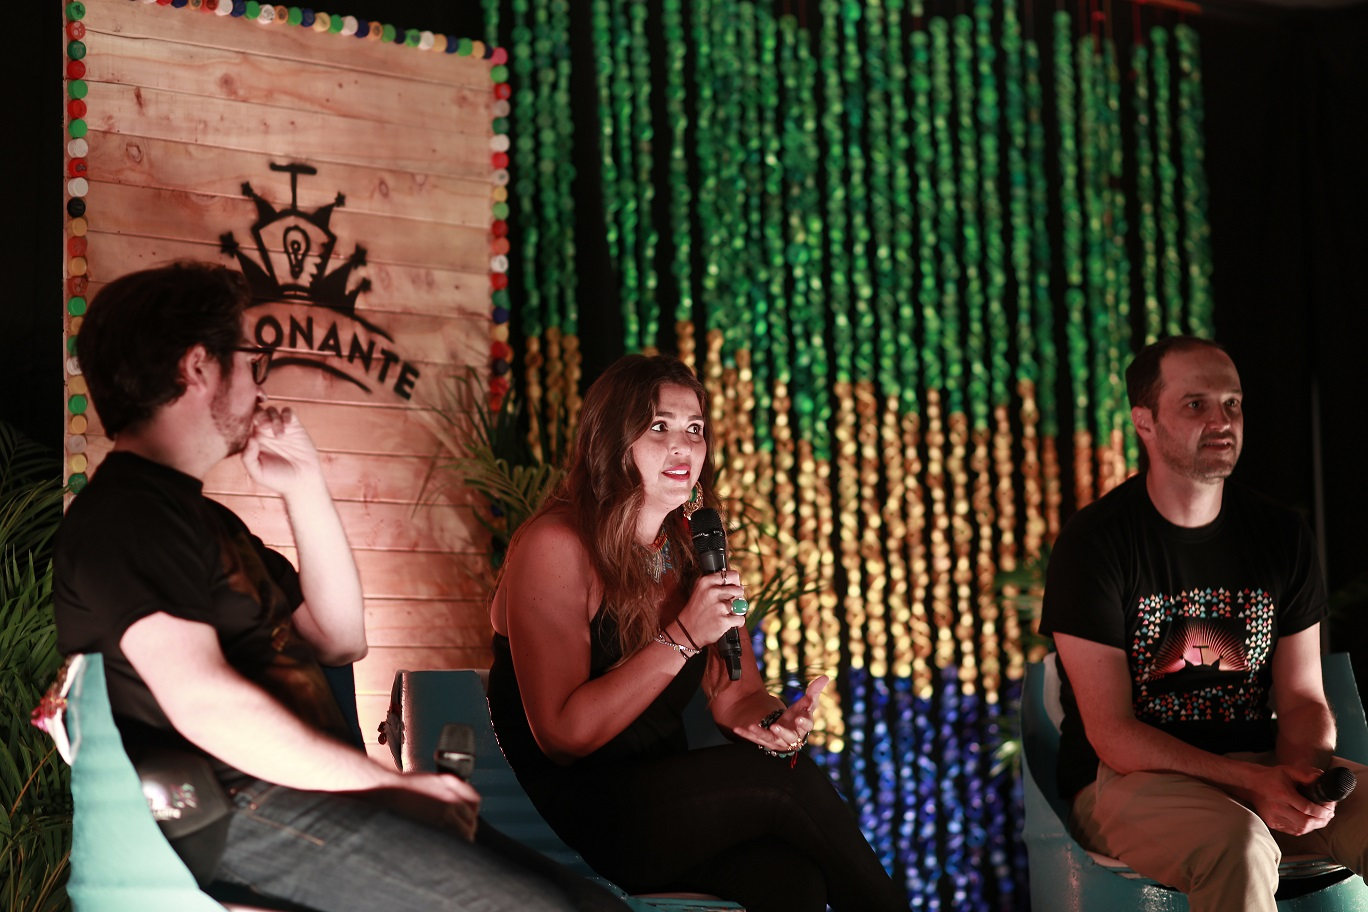 Foto: fundadores del Festival Detonante. De izquierda a derecha: José Aguirre, María López y Felipe Jaramillo / Adrián Prada.